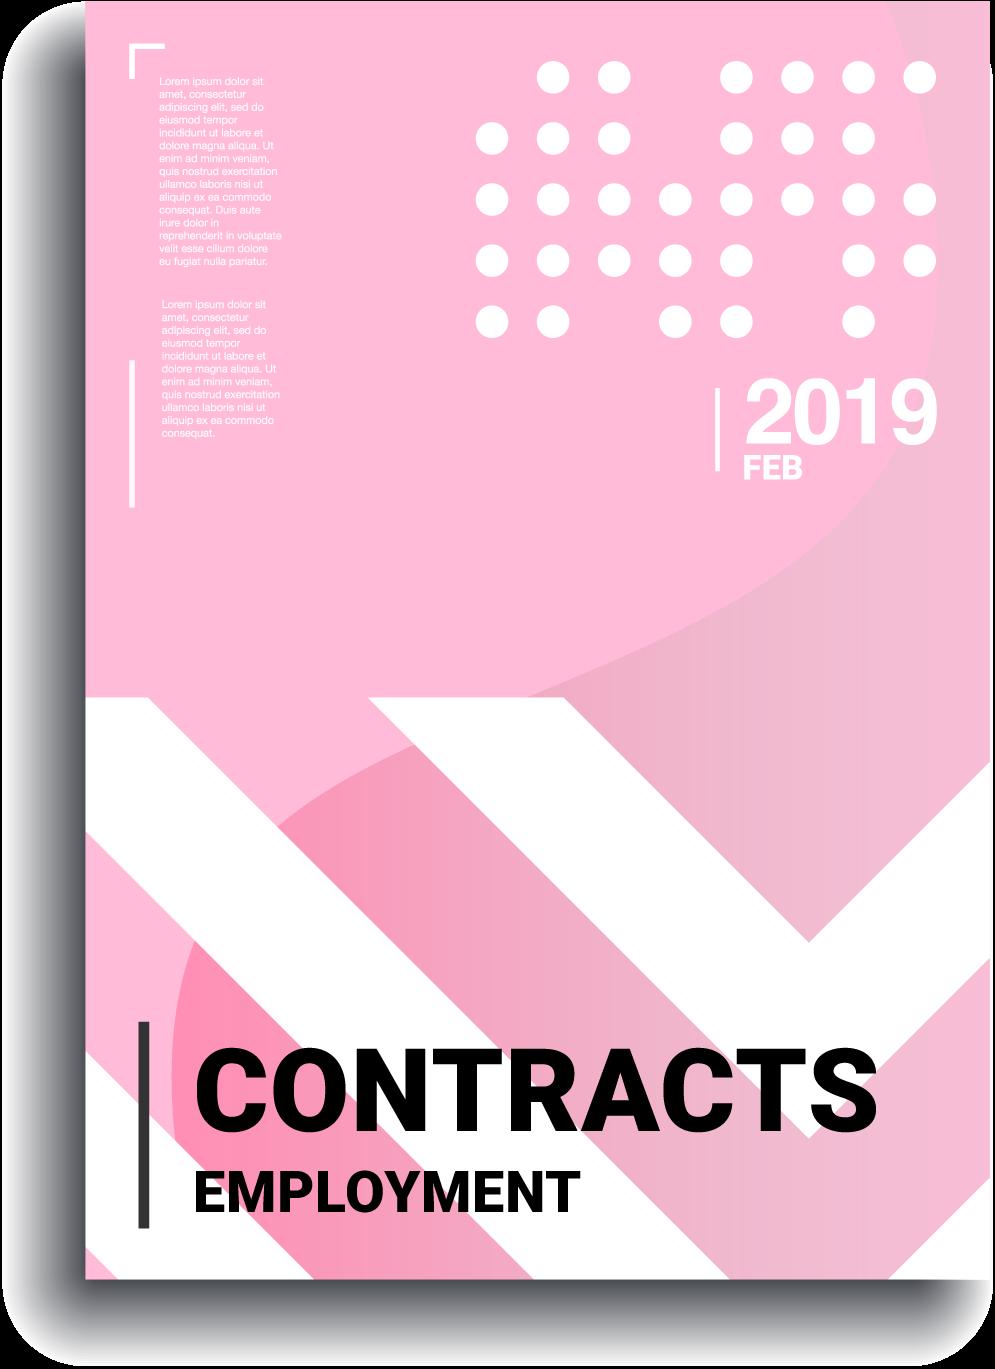 A modern bespoke employment contract